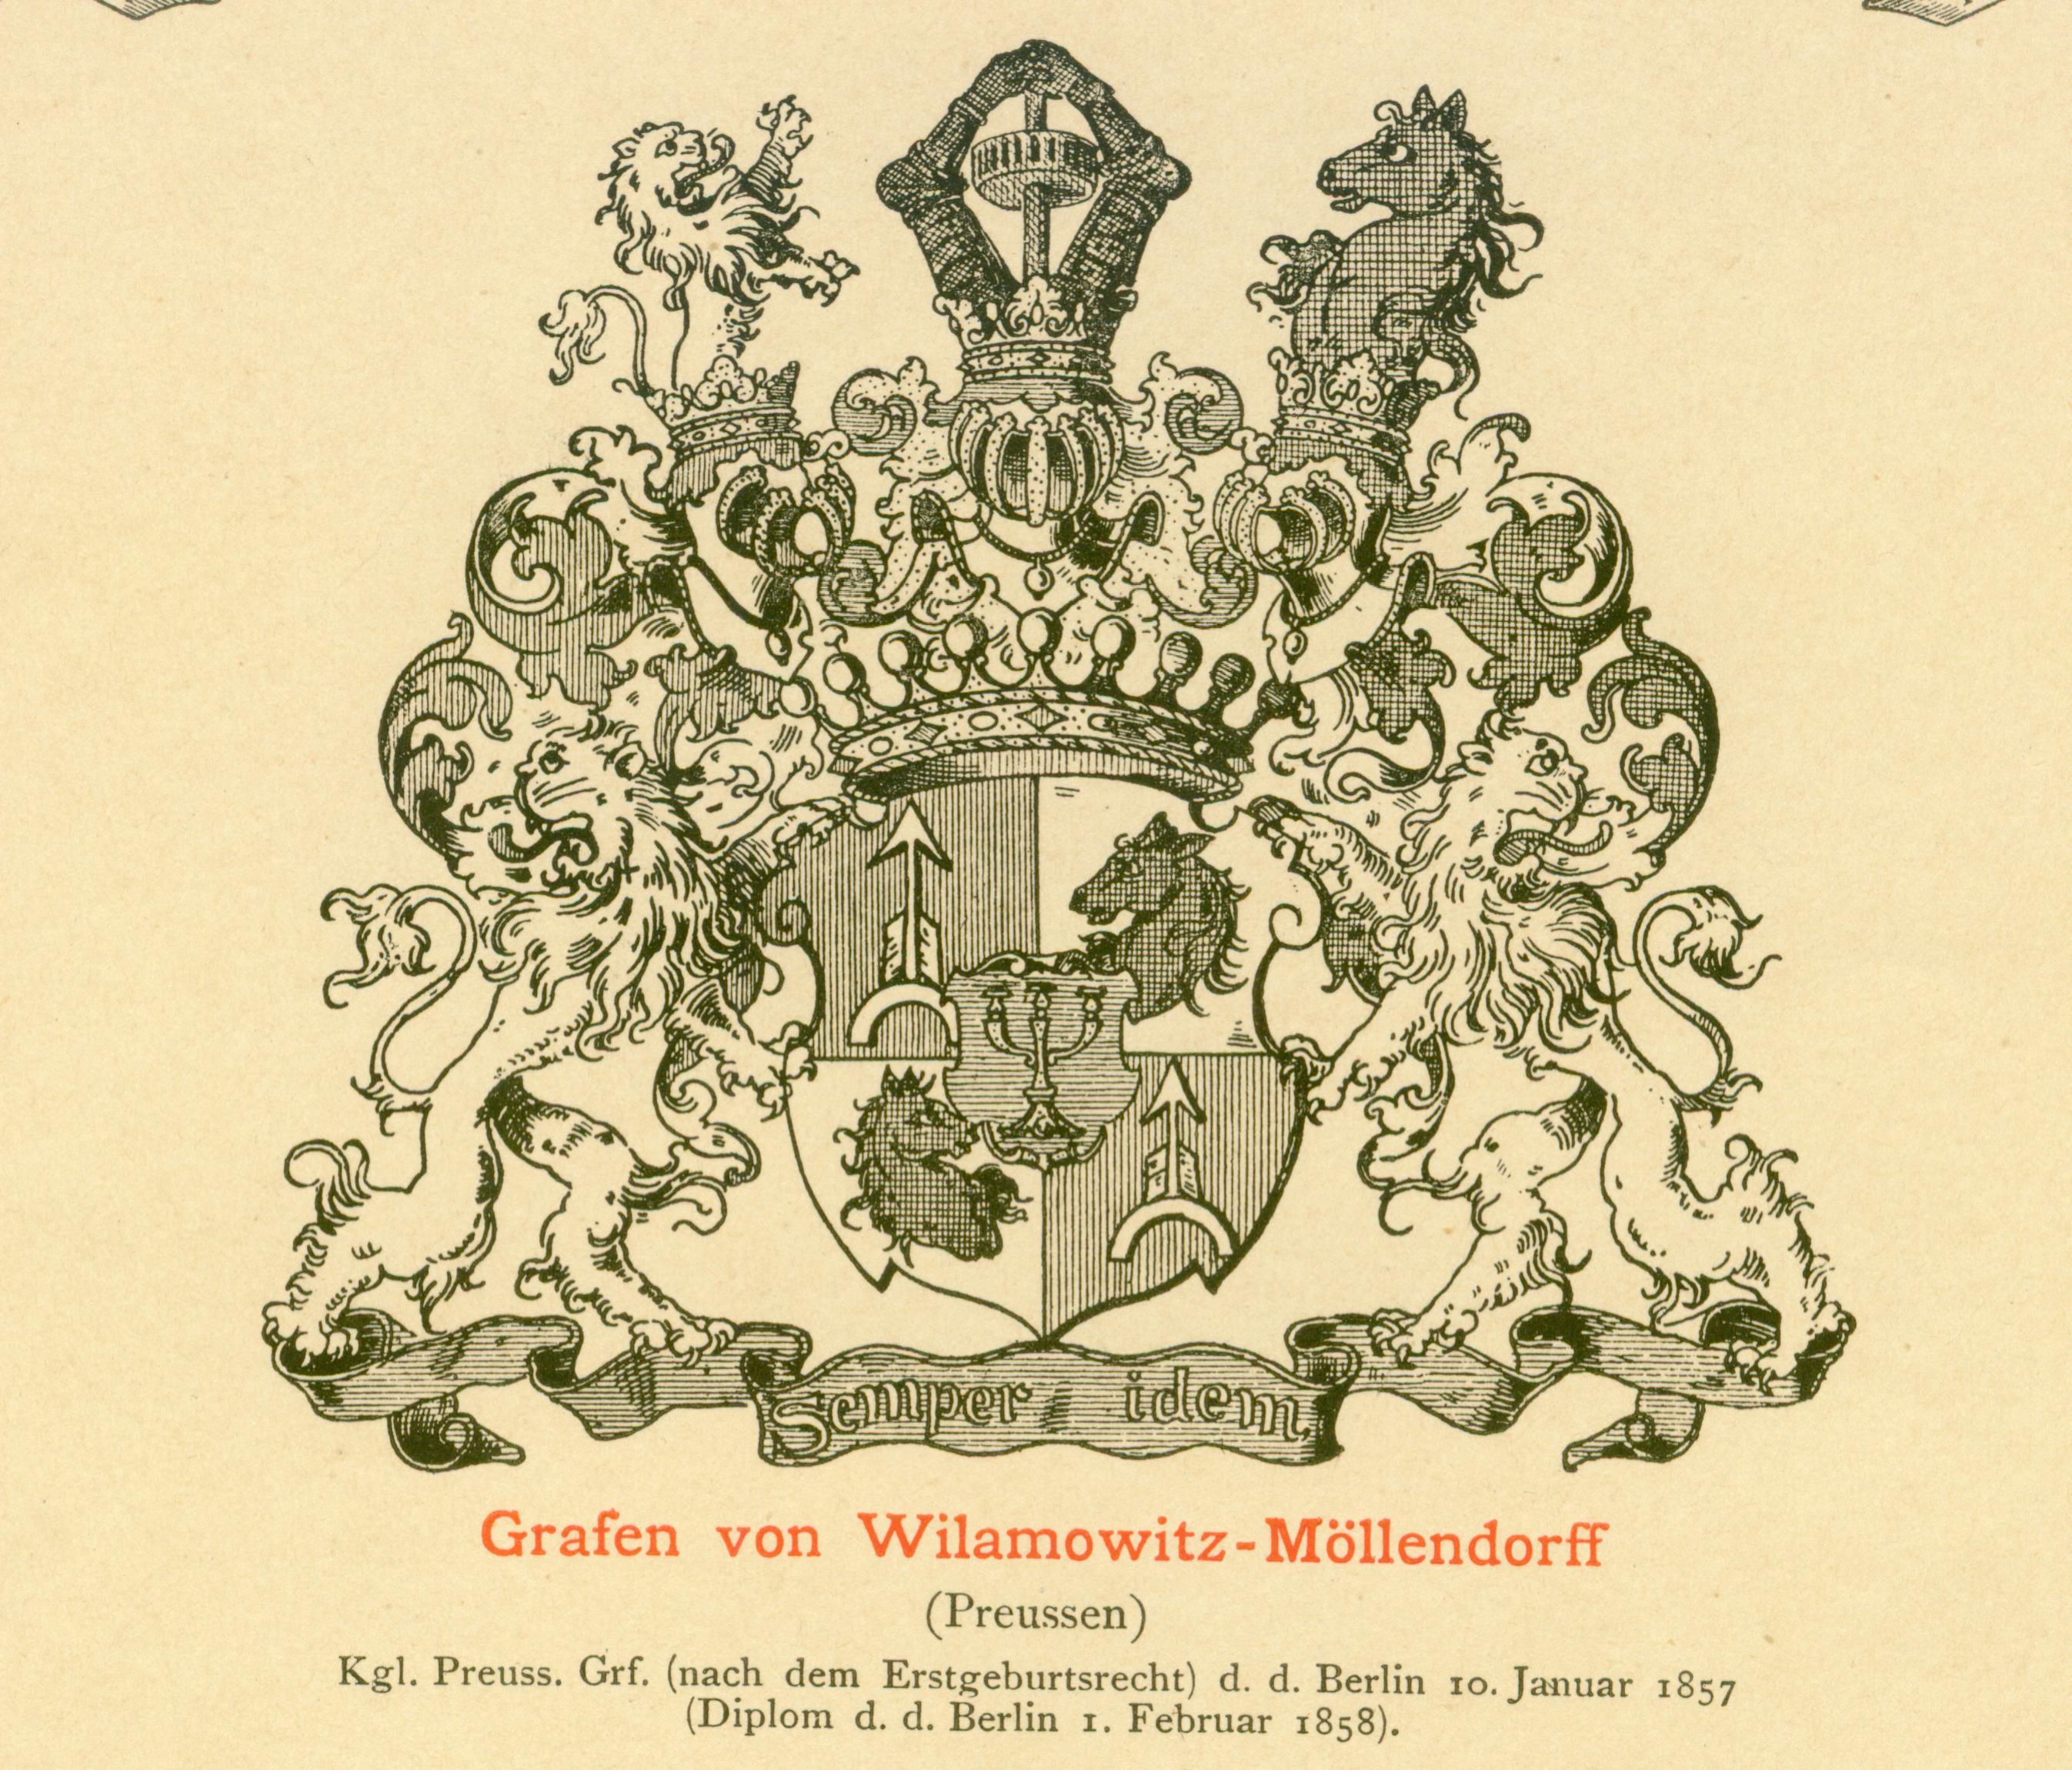 Wilamowitz-Moellendorff (3)